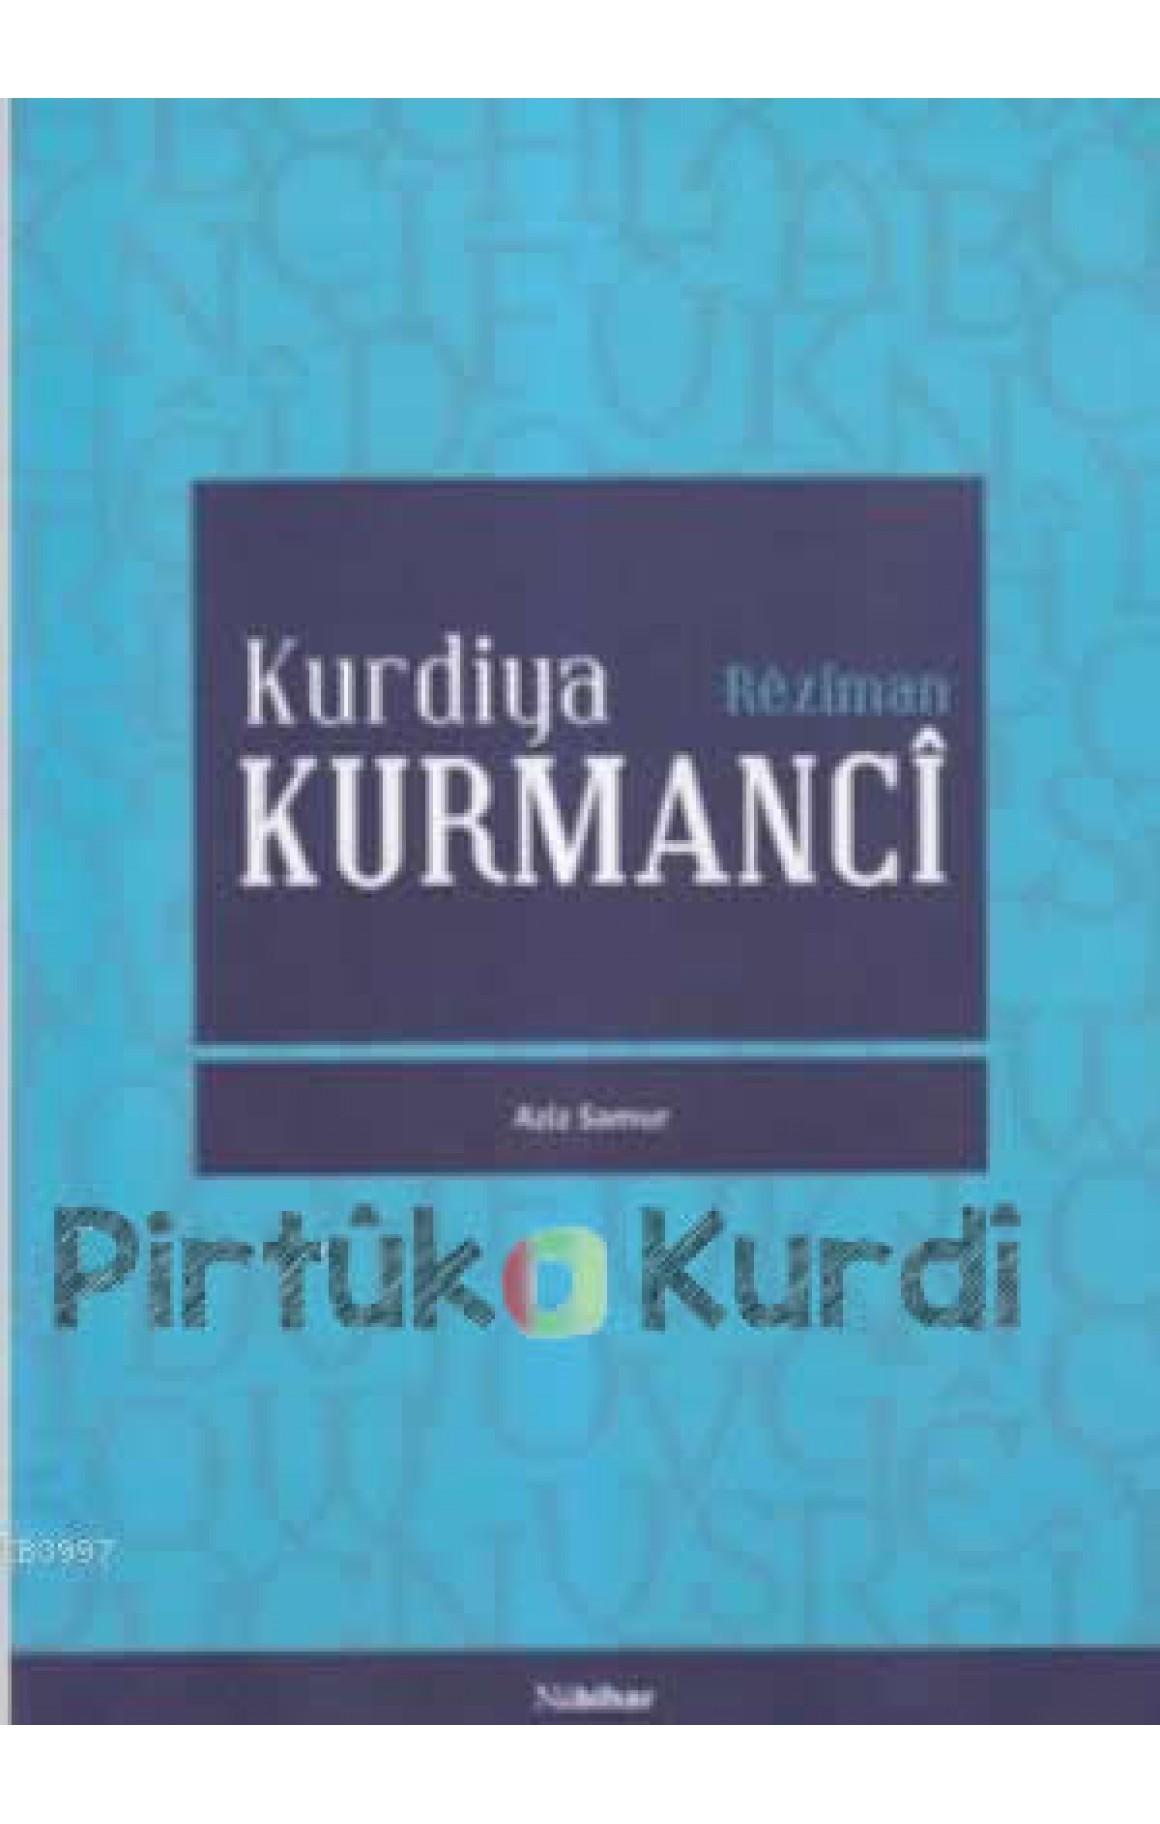 Kurdiya Kurmancî / Rêziman